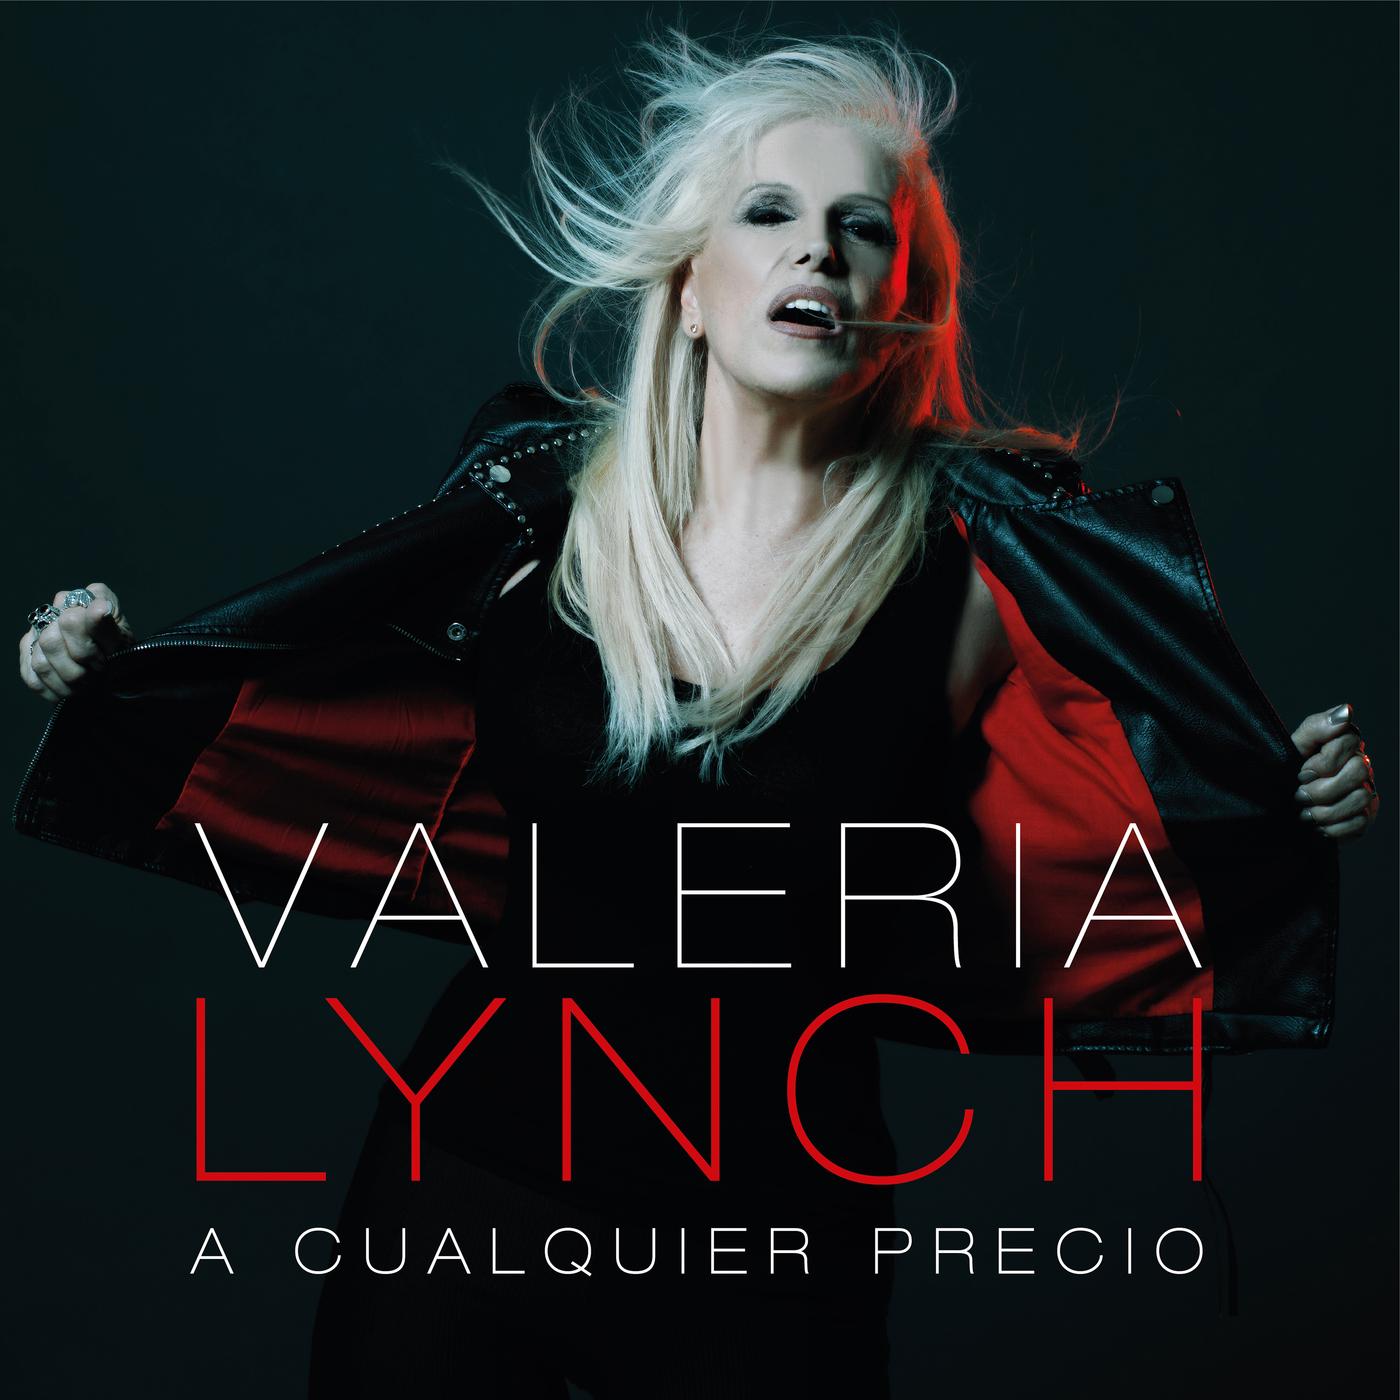 A Cualquier Precio - Valeria Lynch